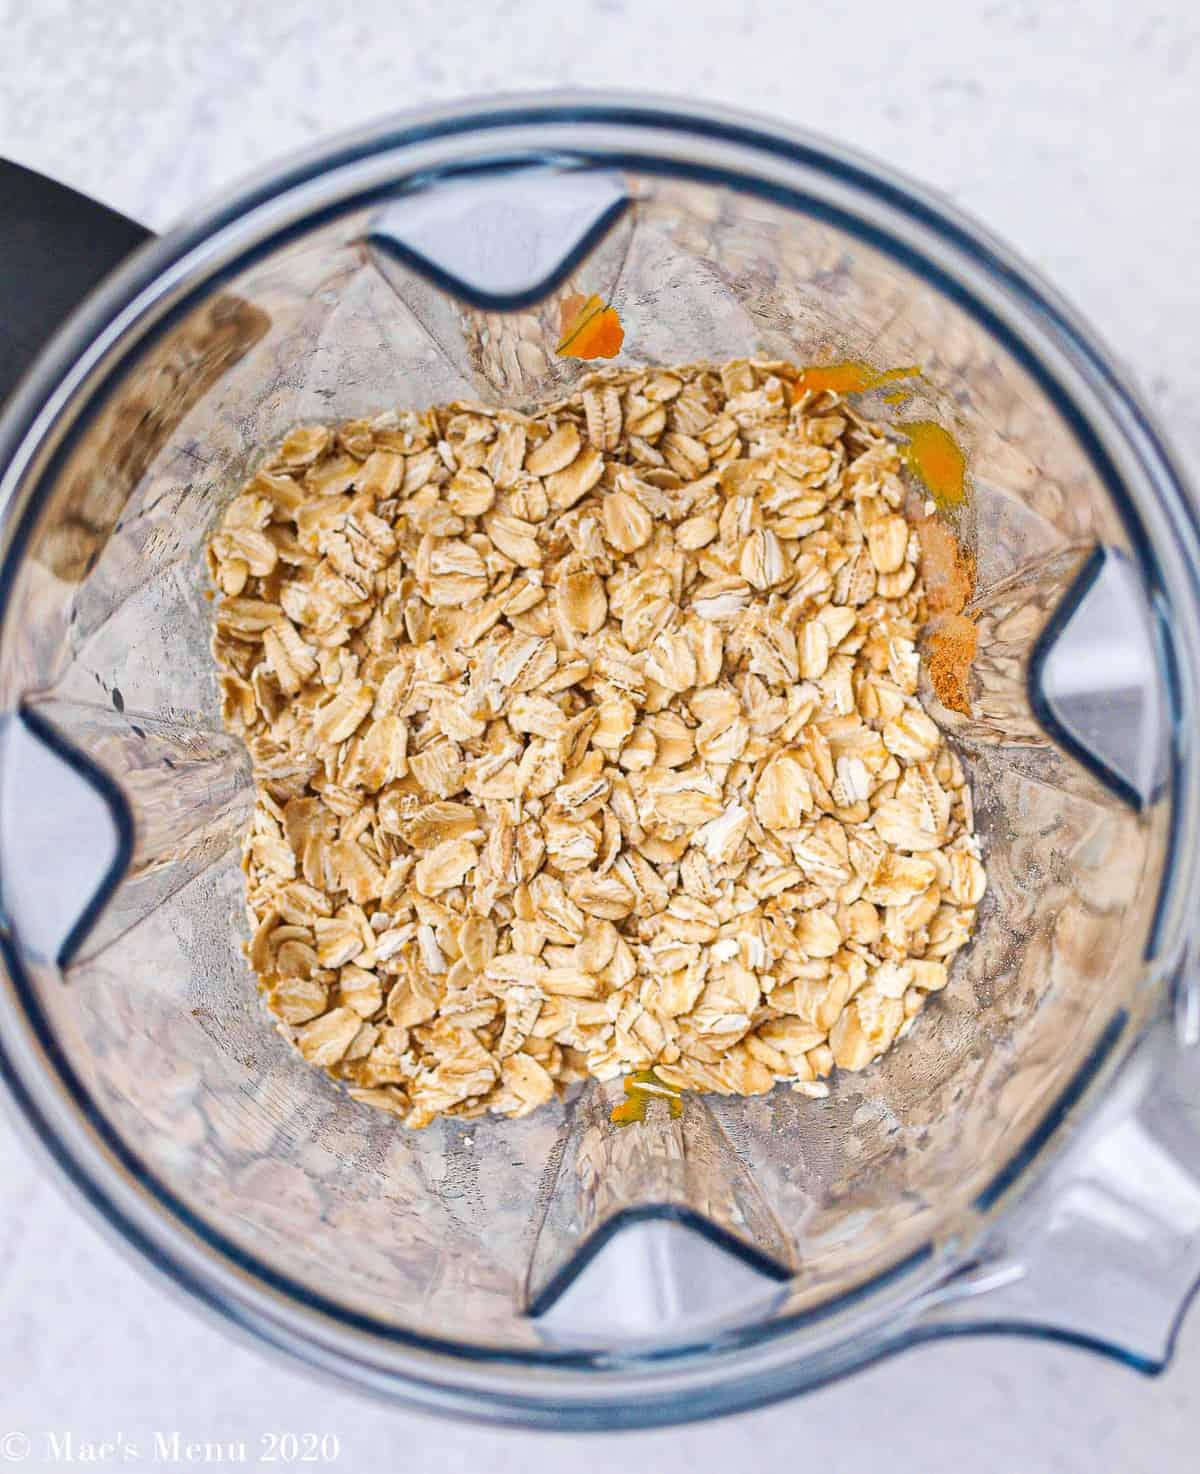 An overhead shot of oats and pumpkin in a vitamix blender pitcher